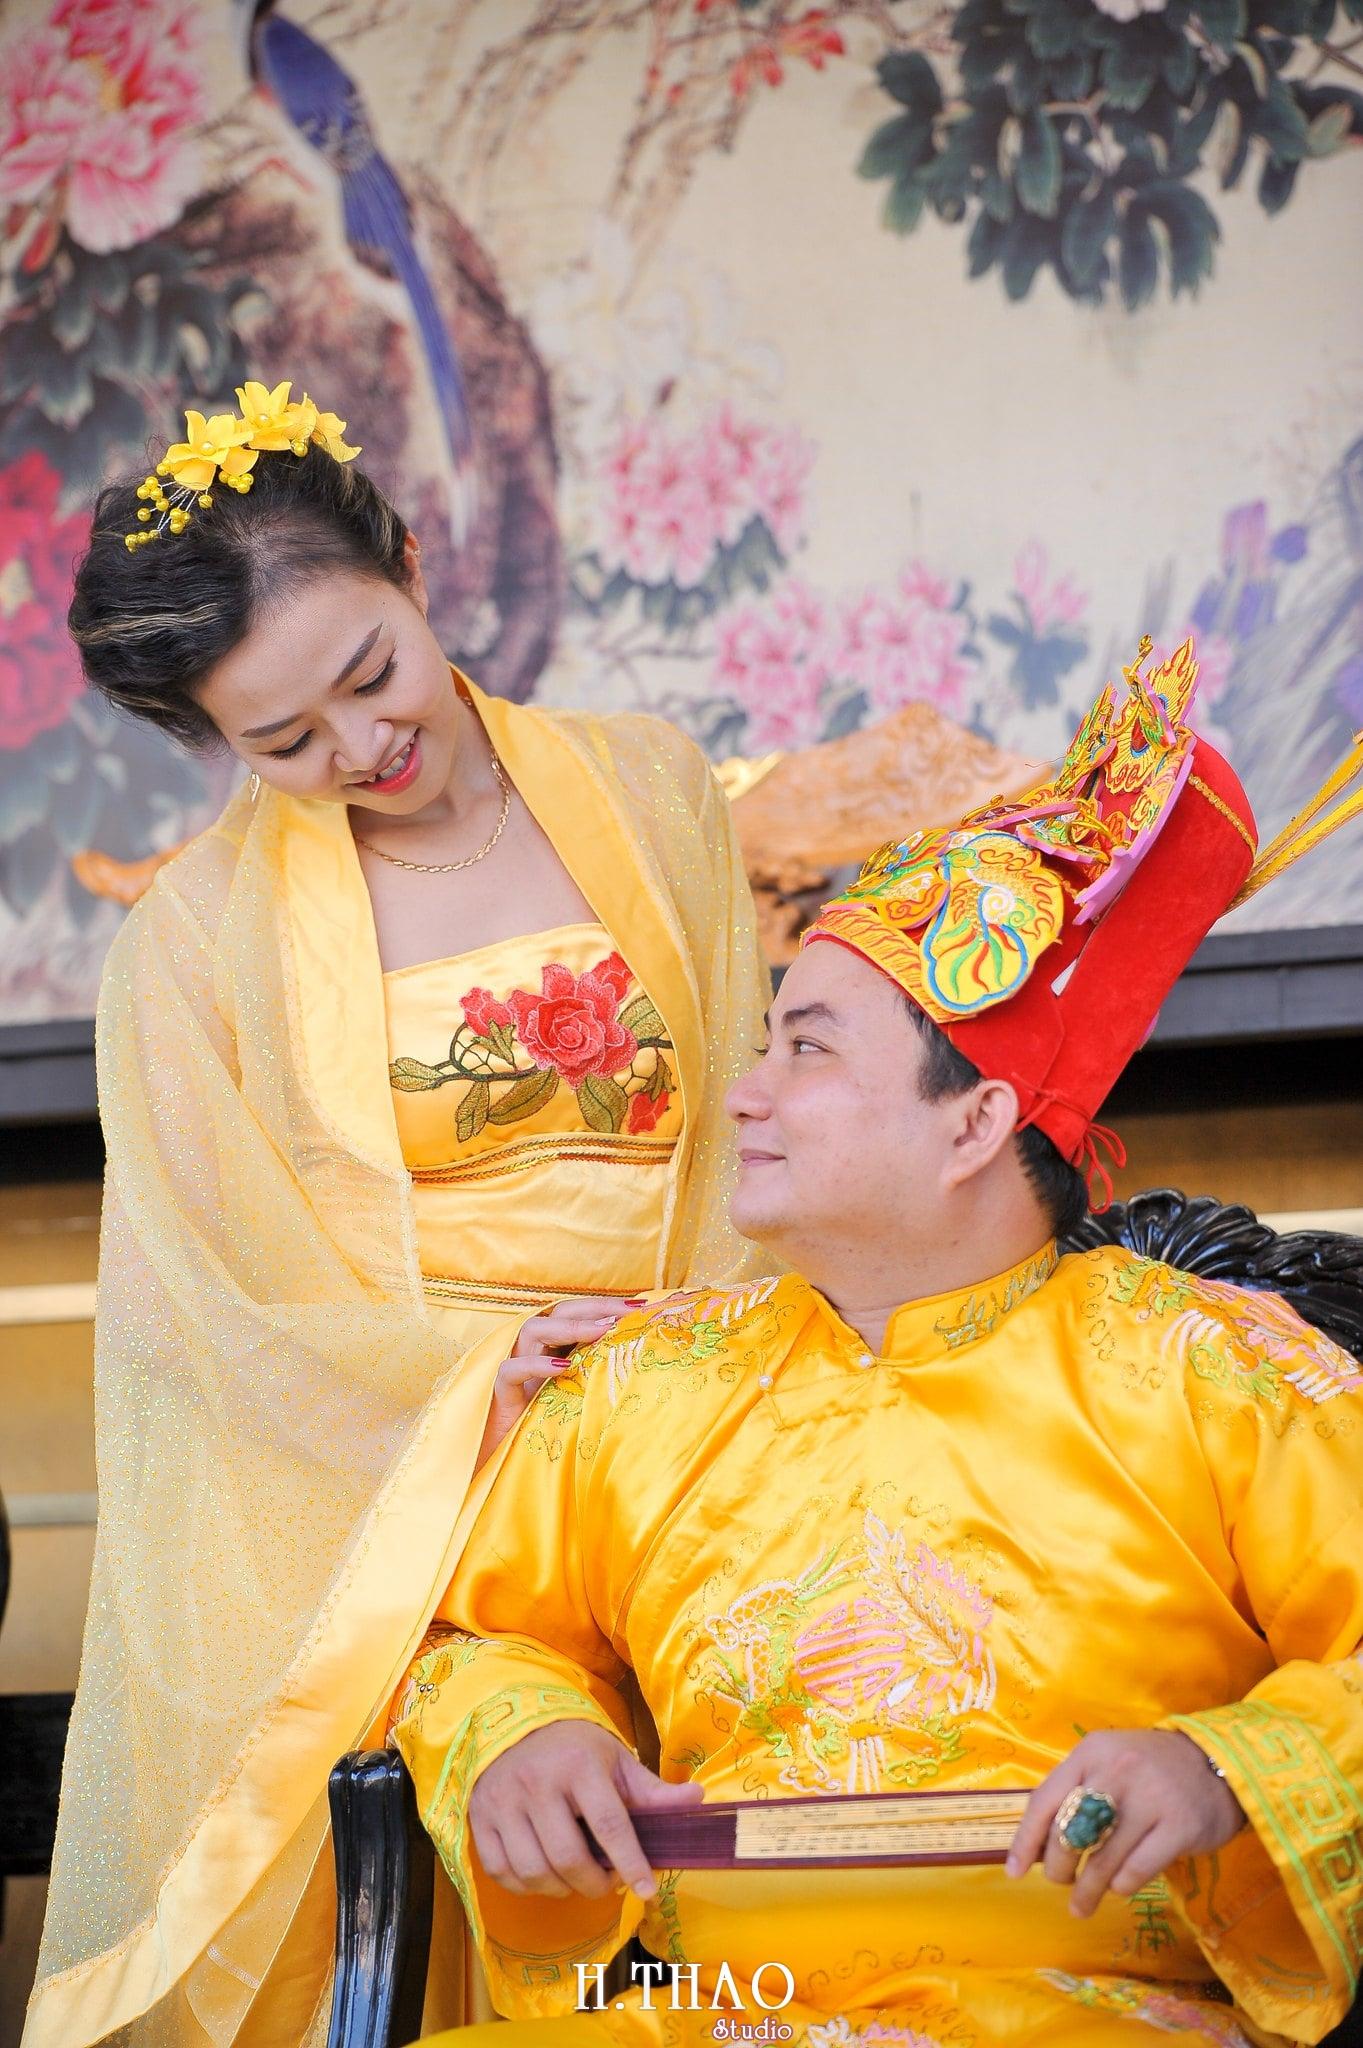 Anh co trang vua va hoang hau 4 - Bộ ảnh couple chụp theo phong cách cổ trang Vua - Hoàng Hậu